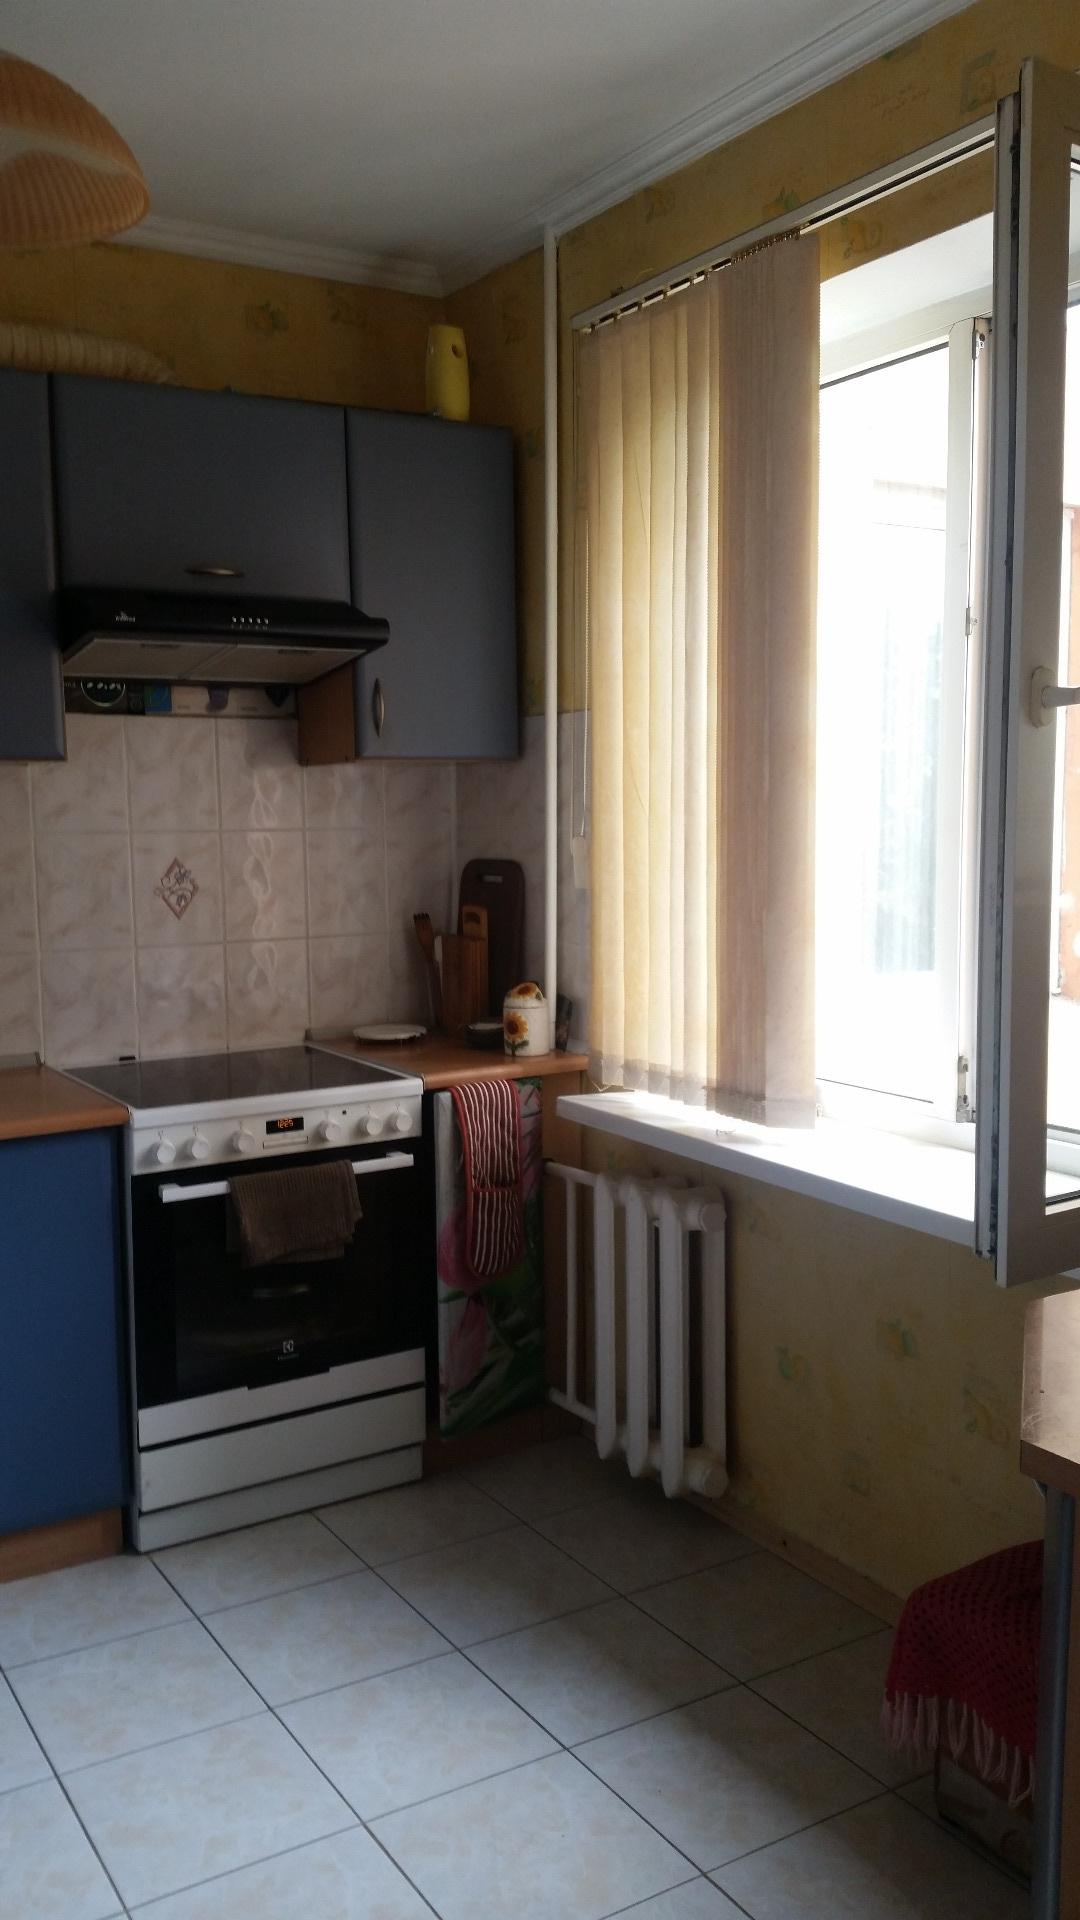 Продается 4-комнатная Квартира на ул. Королева Ак. — 65 000 у.е. (фото №4)